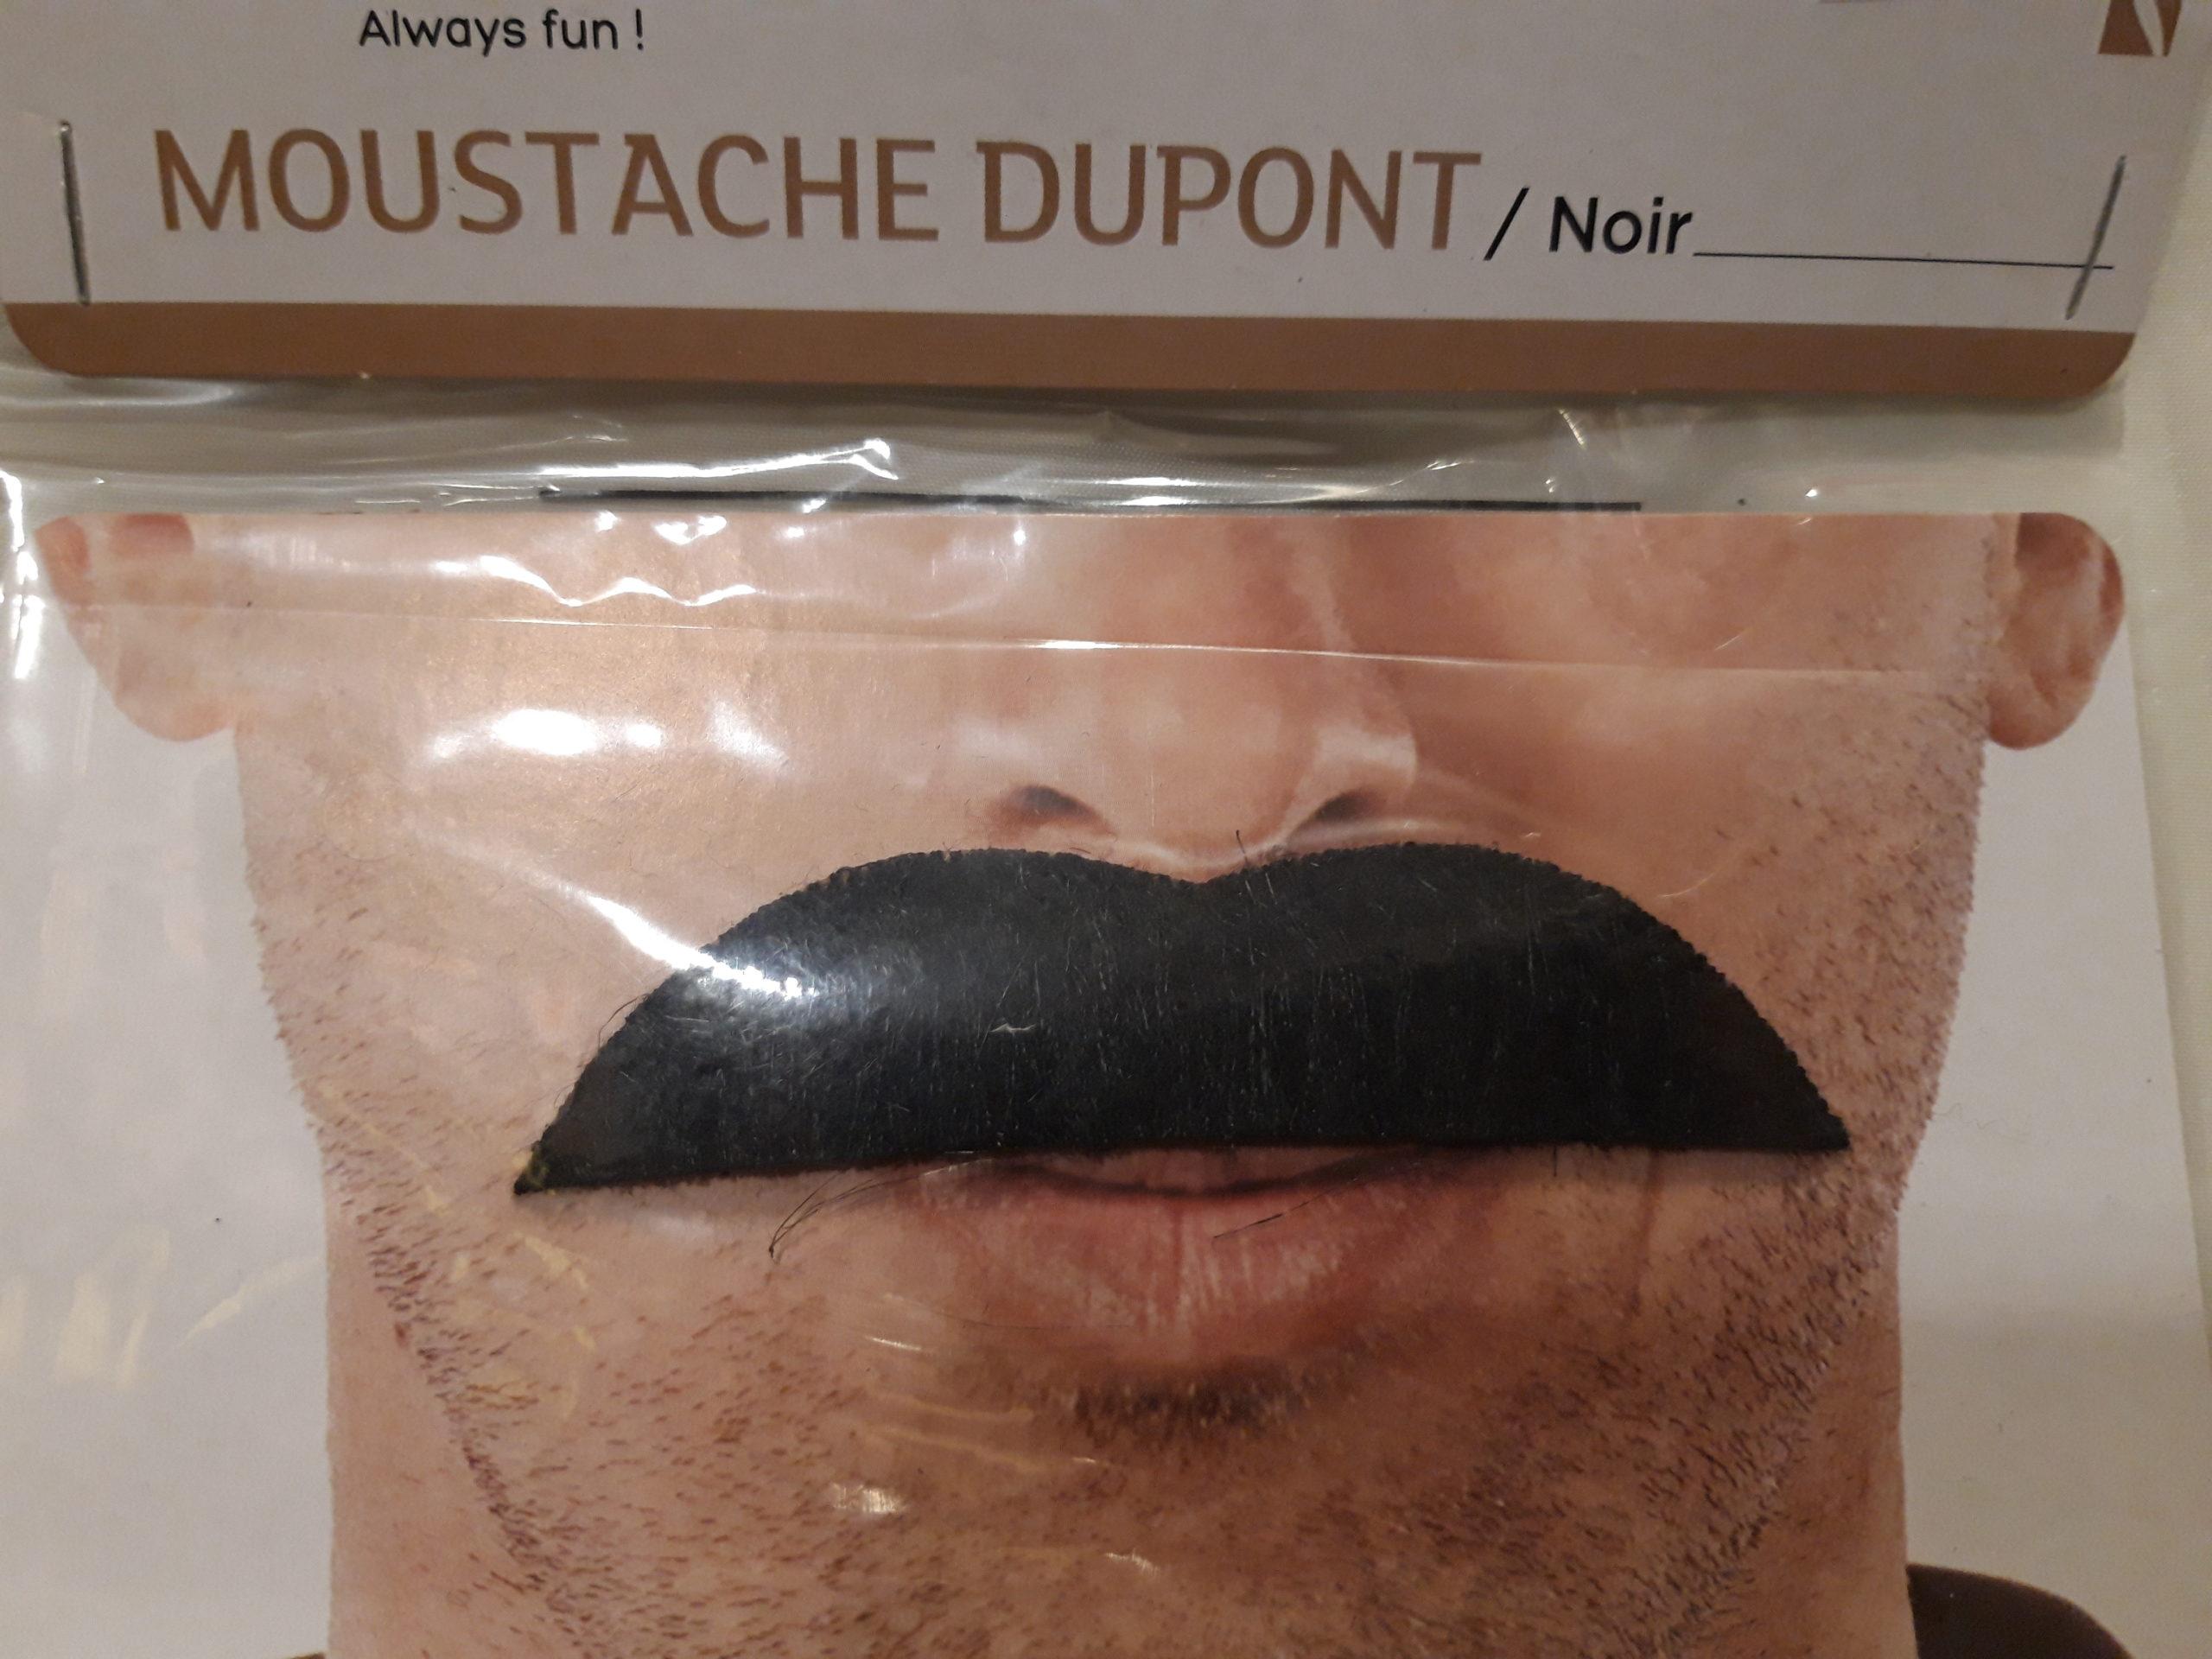 moustache dupont